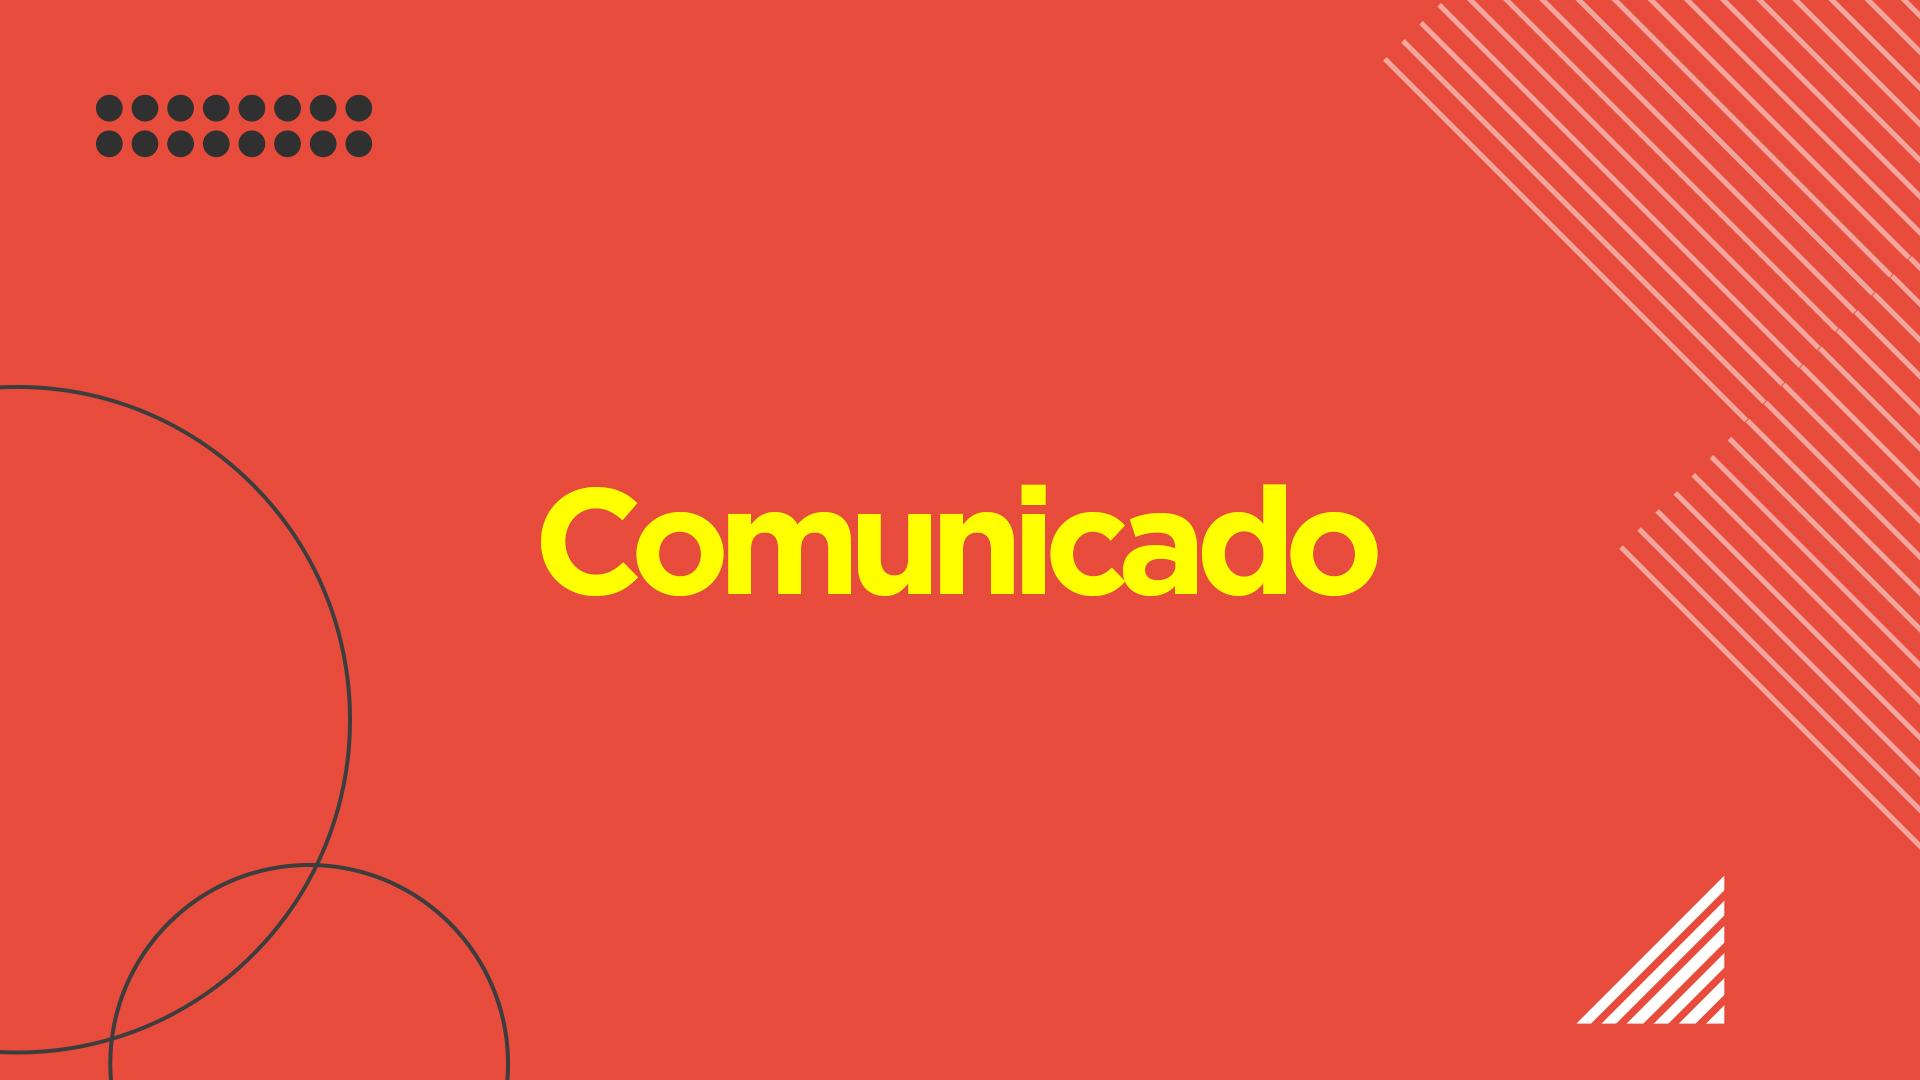 COMUNICADO: Gracias Beliz y Radio Voz Urbana